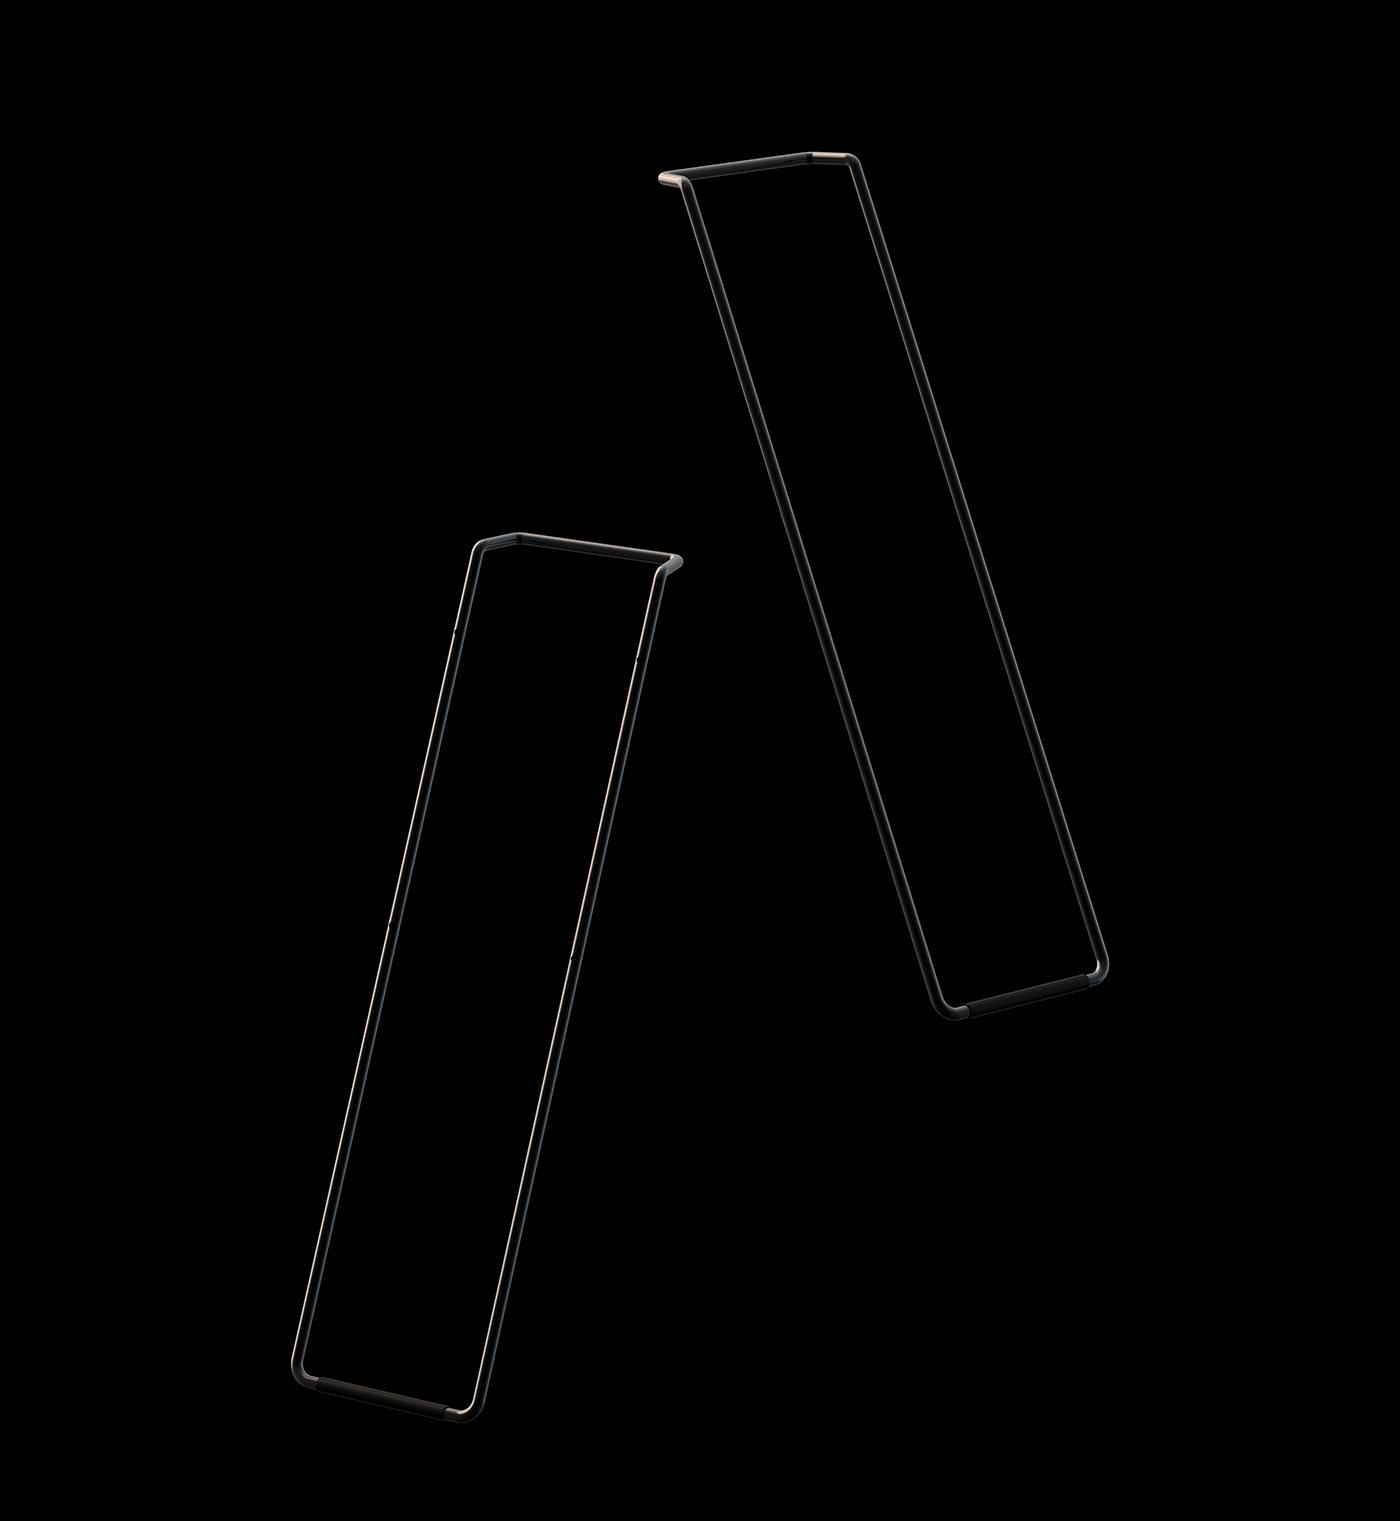 Adobe Portfolio turntable Audio dude concept design inspired design trend color DAWN vinyl